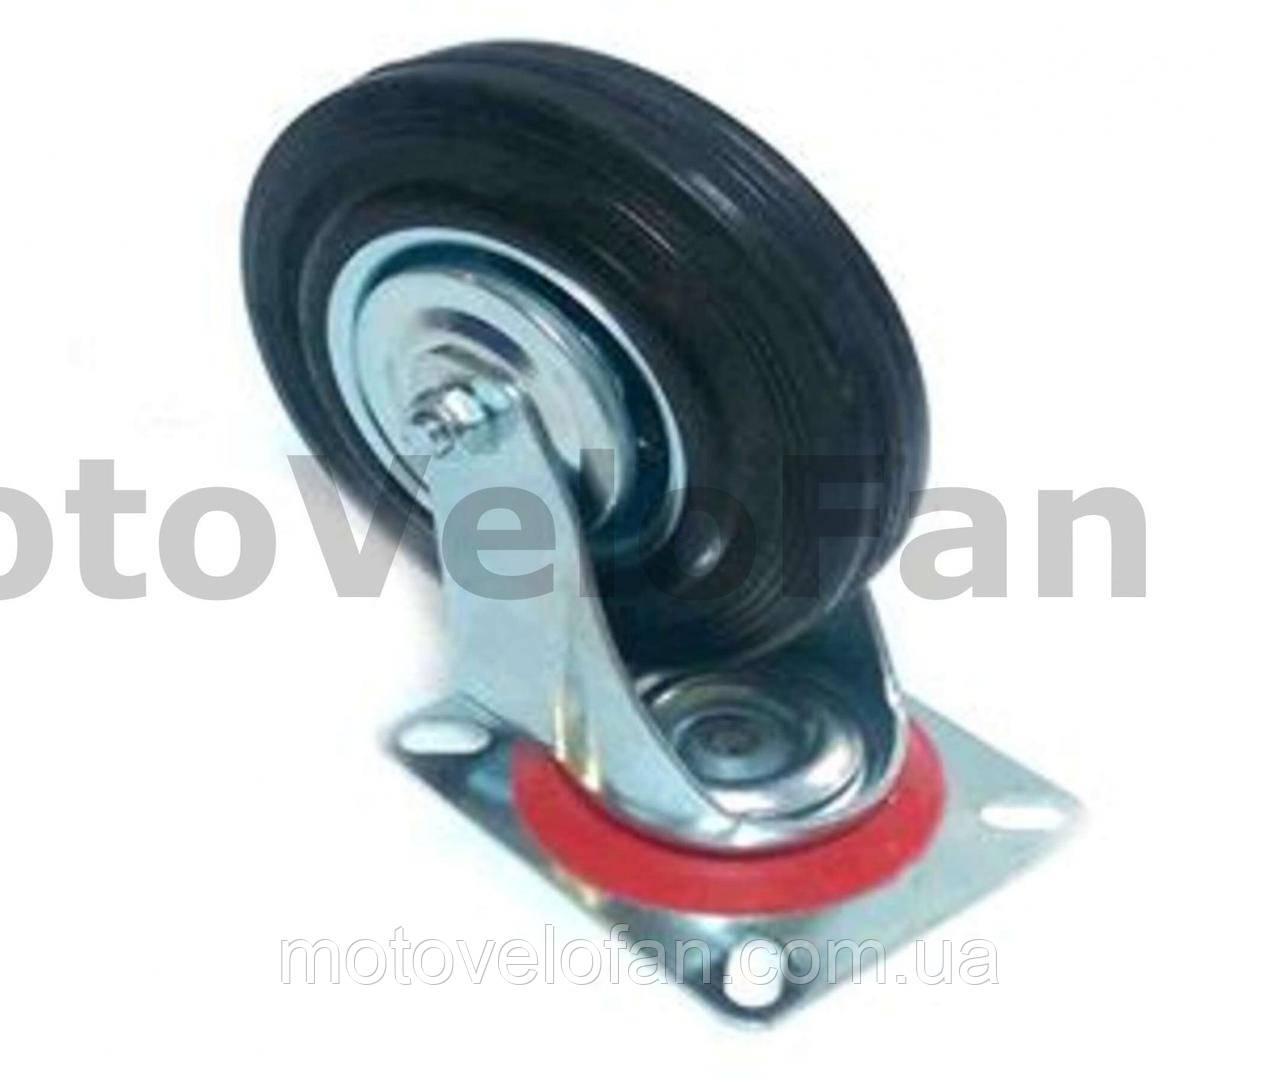 Колесо для тачек и платформ (литая резина) (в сборе с креплением, поворотное)   (125/37,5-50mm)   ELIT